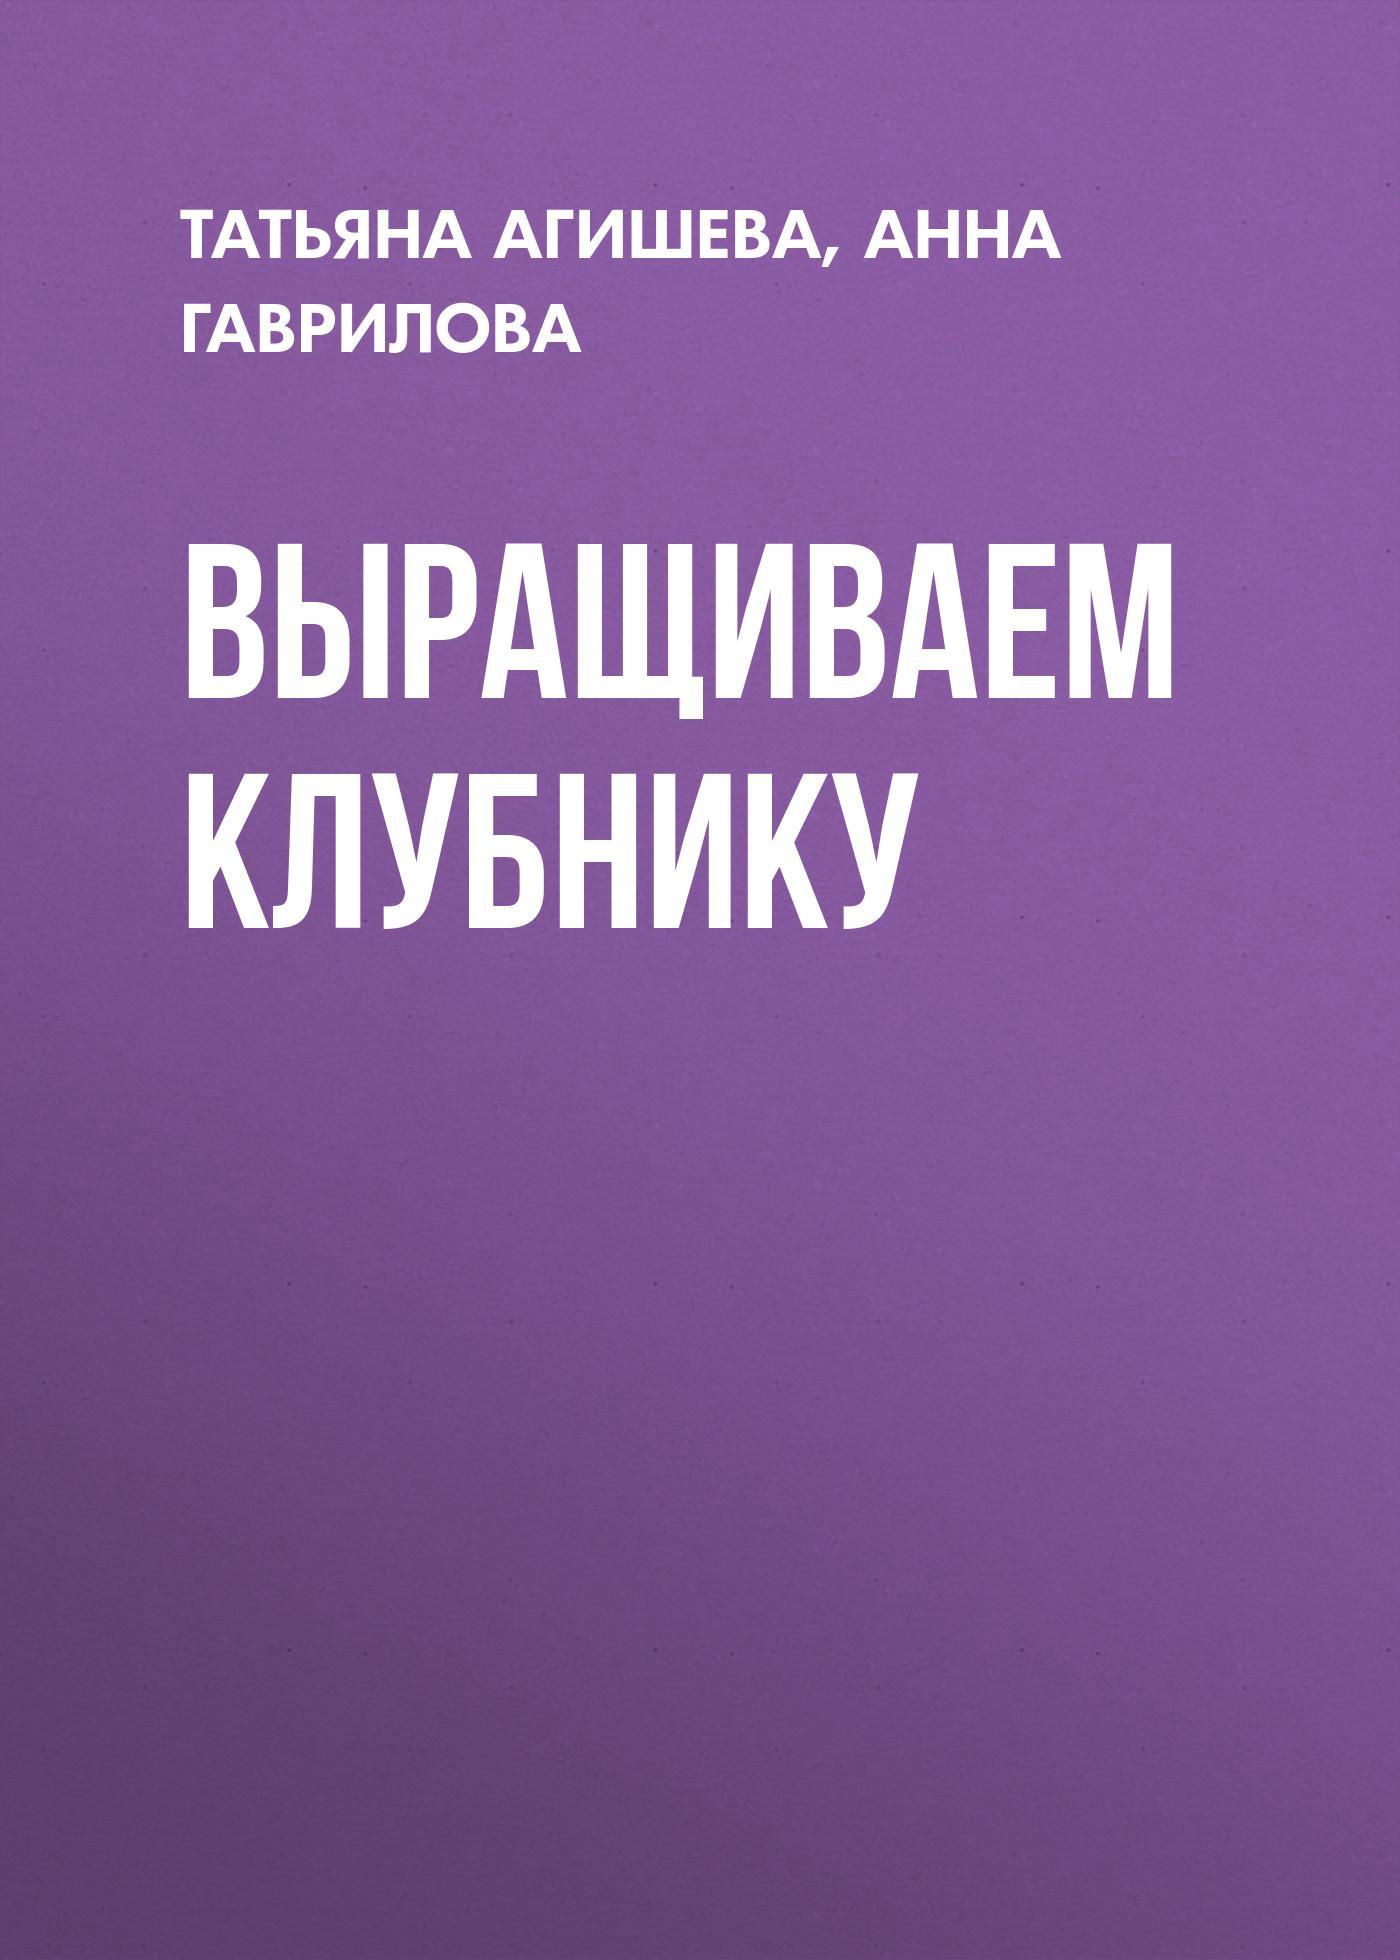 Татьяна Агишева Клубника. Секреты сверхурожая наушники creative ep 600